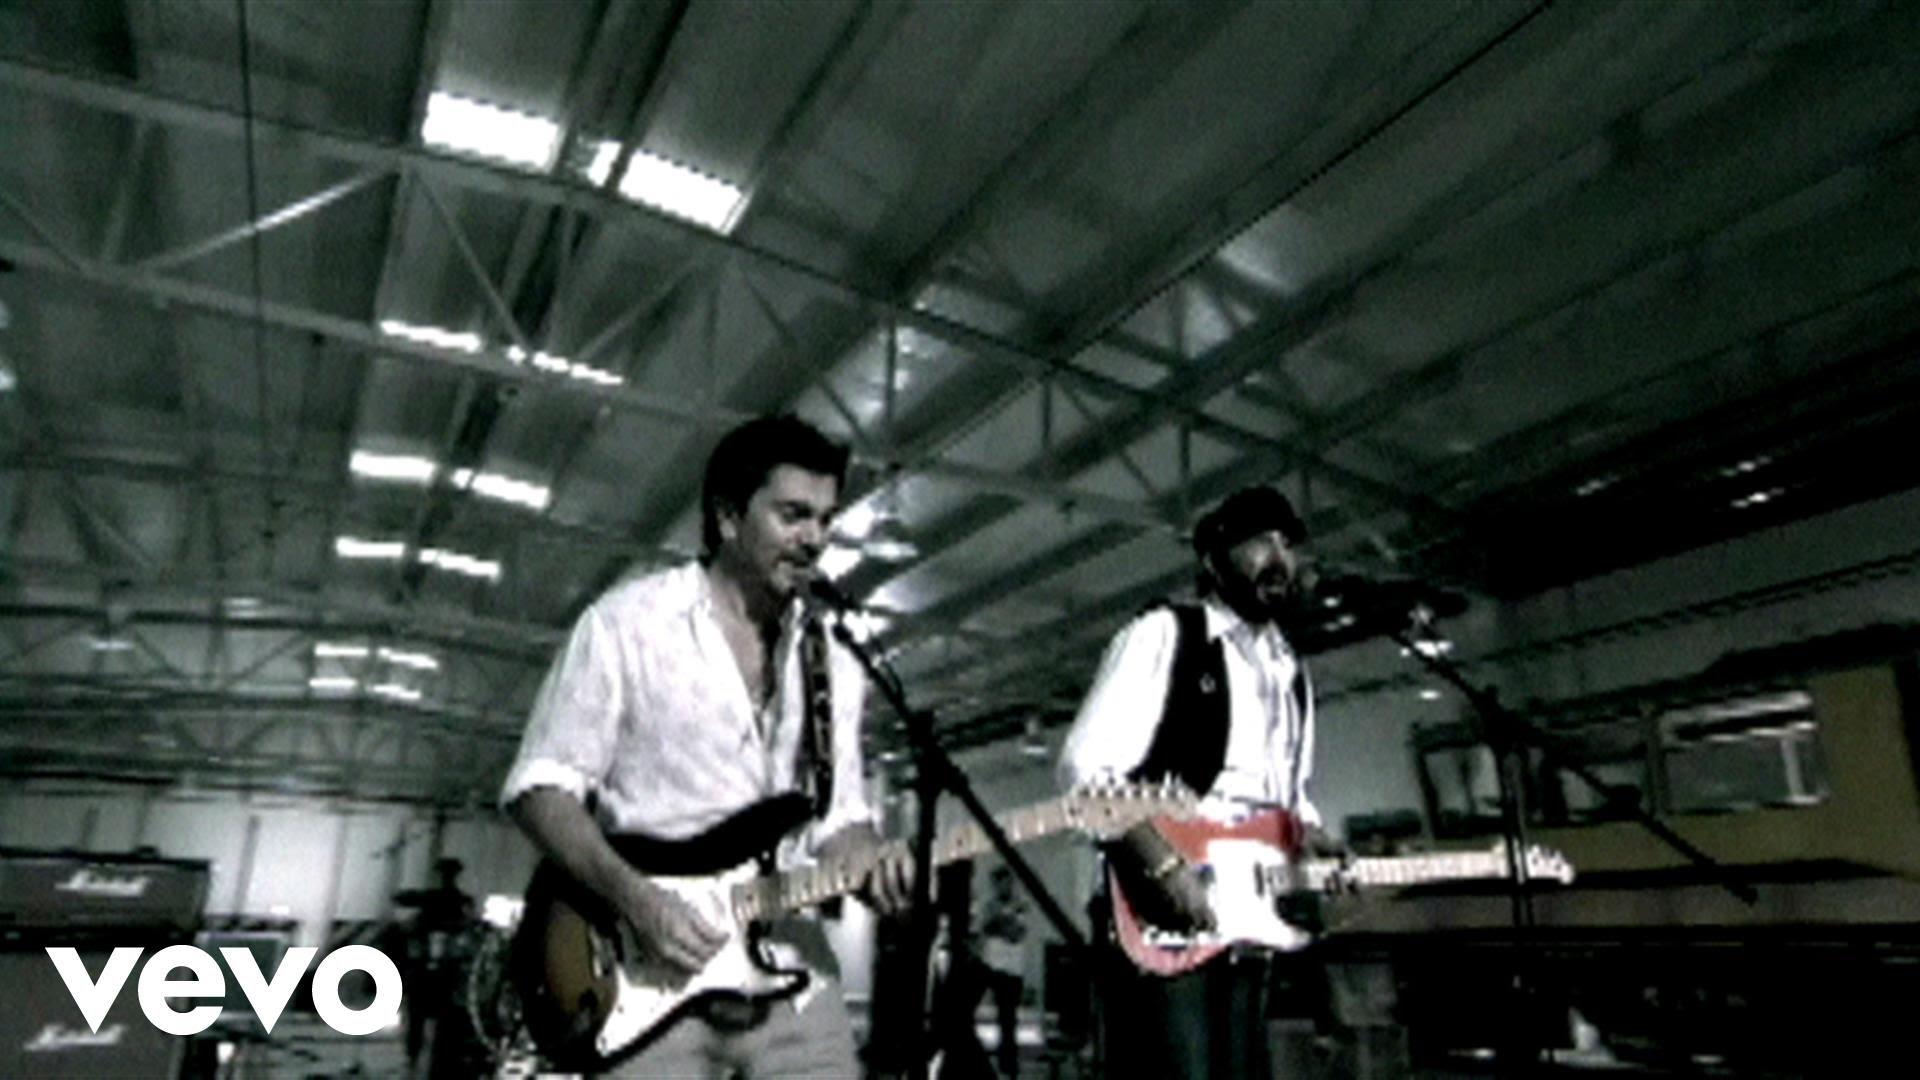 Juan Luis Guerra – La Calle feat. Juanes